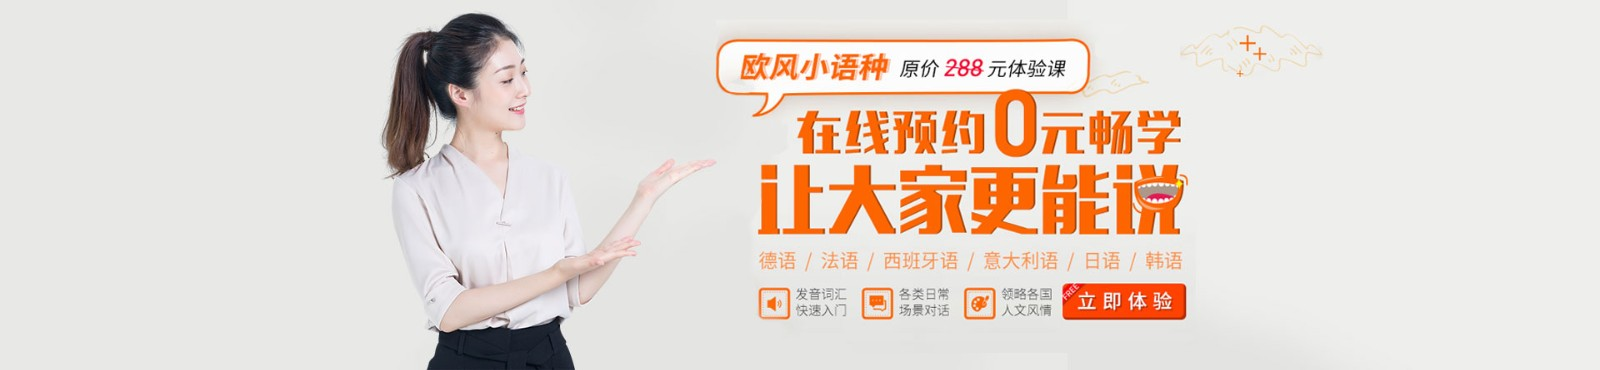 南昌欧风小语种betway体育app中心 横幅广告